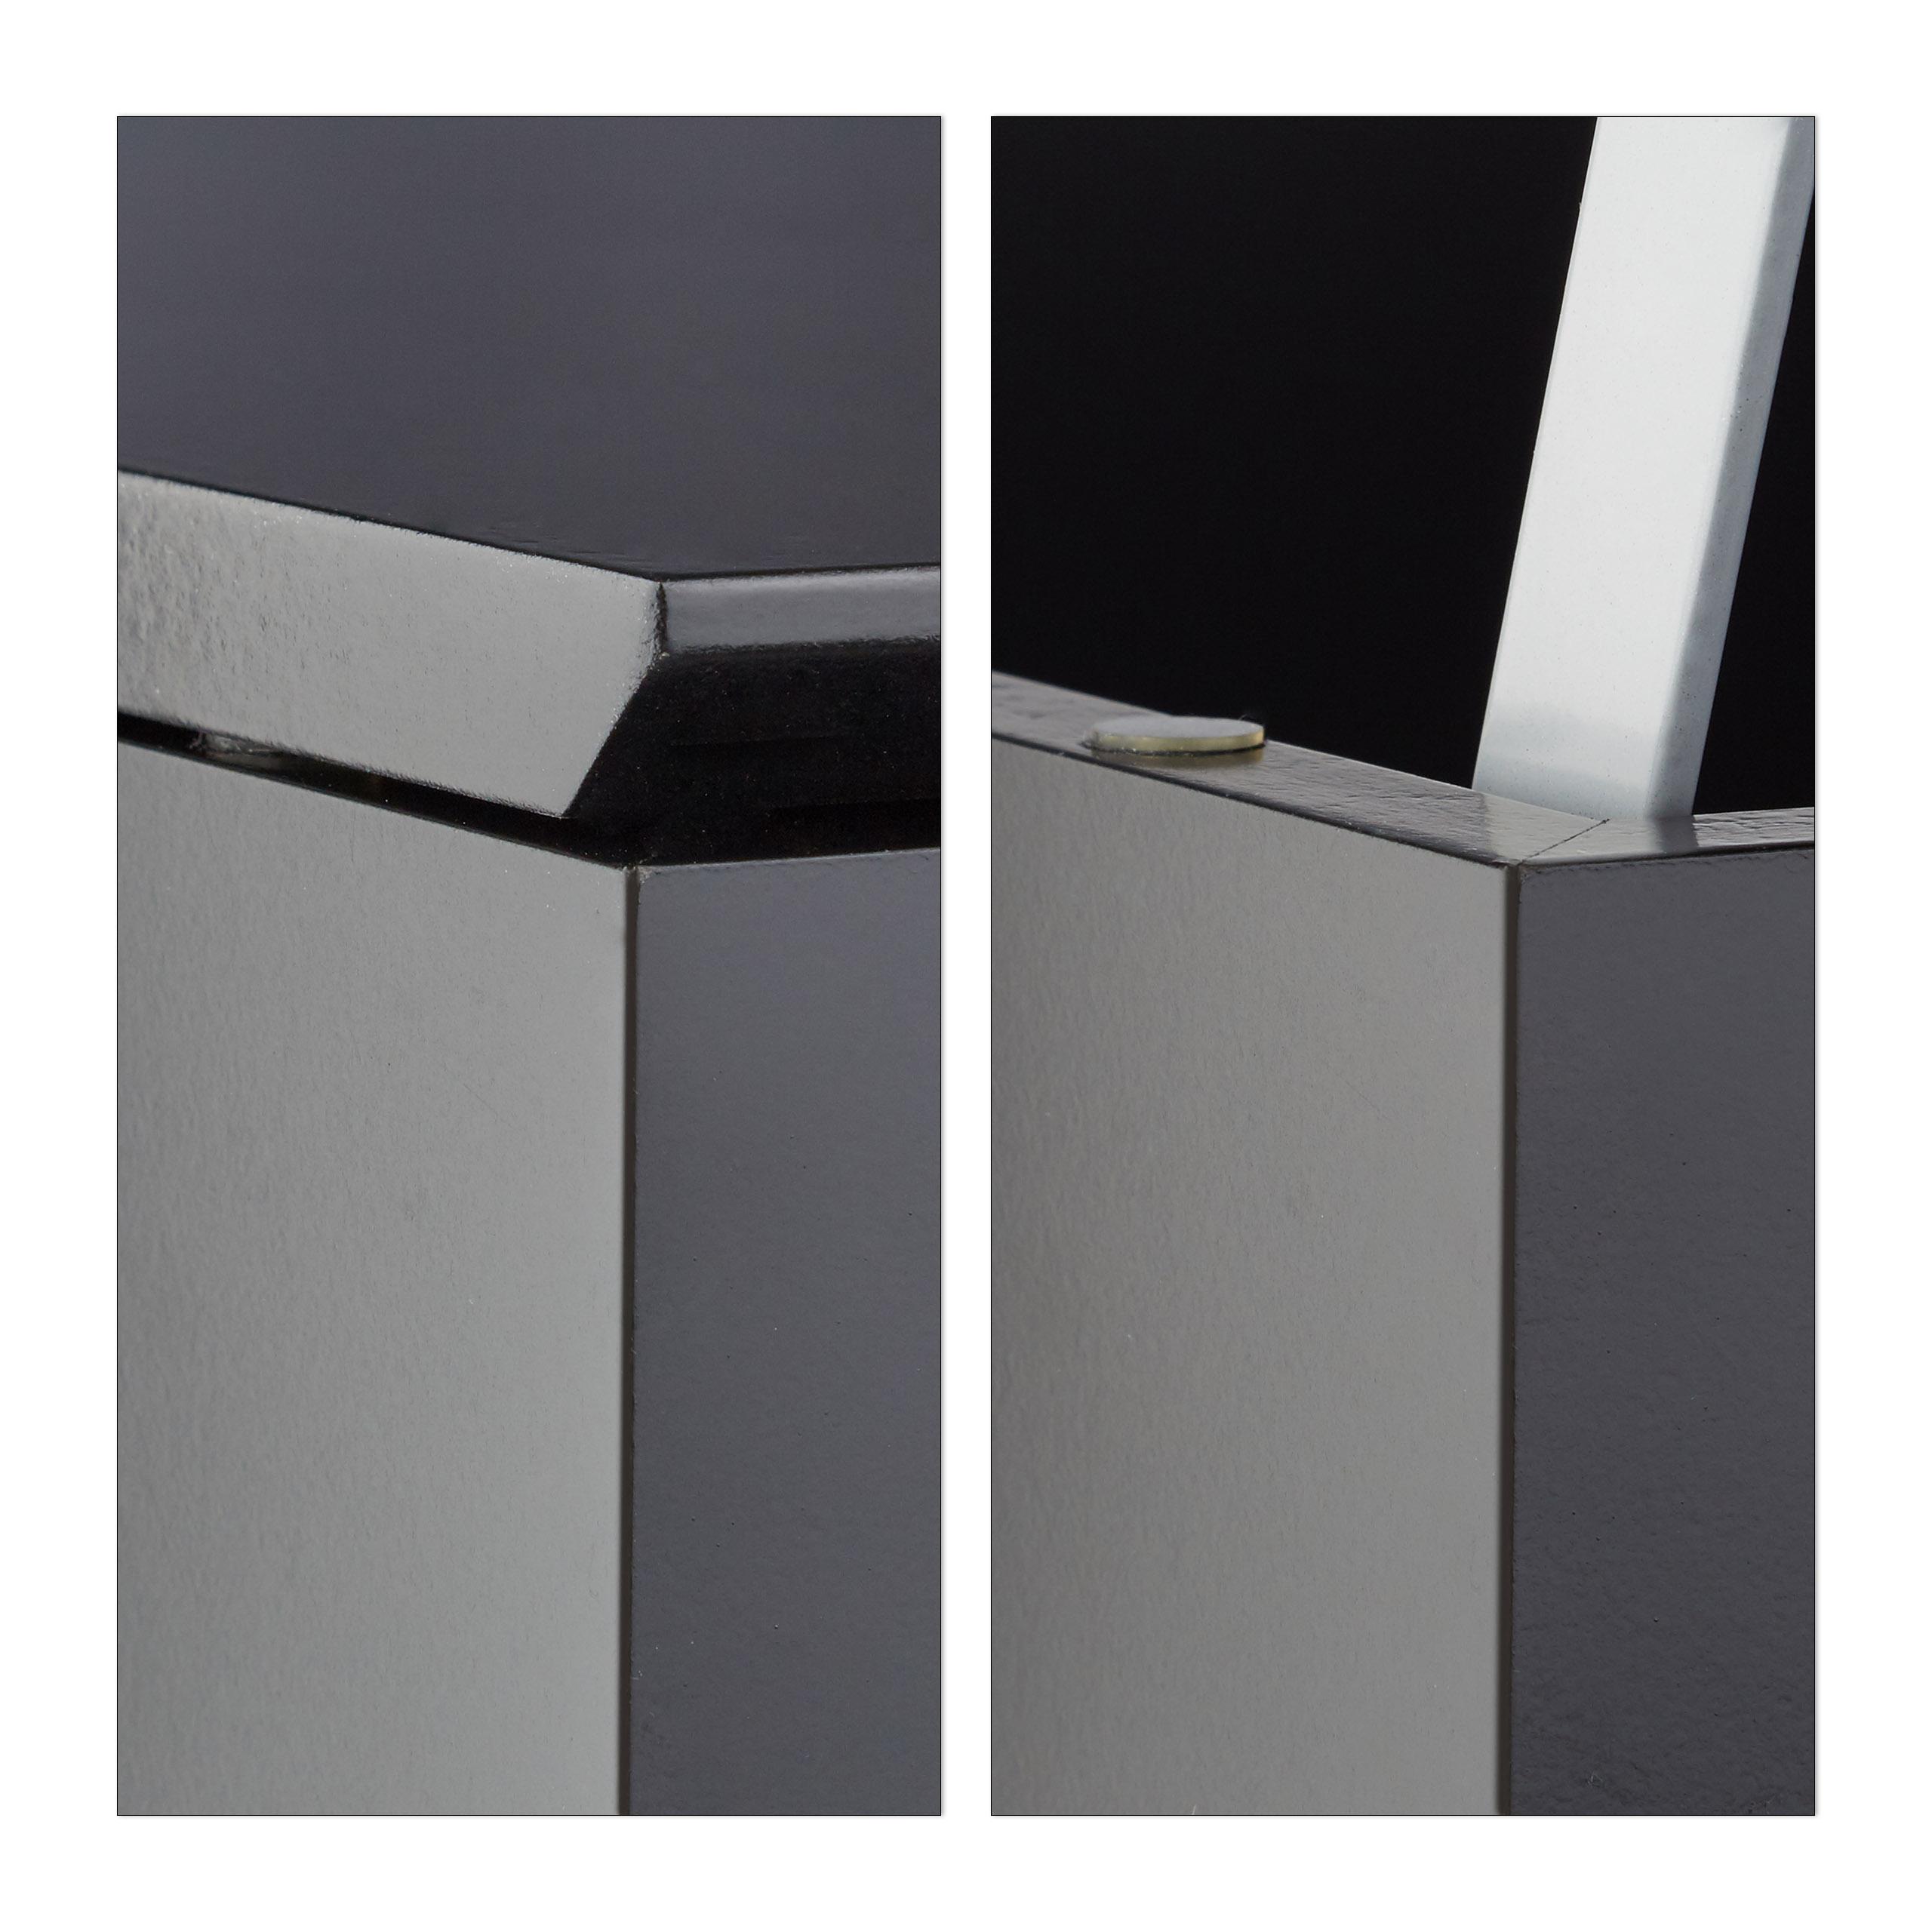 Couchtisch-Lift-Sofatisch-Hebefunktion-Wohnzimmertisch-Designtisch-Stauraum Indexbild 4